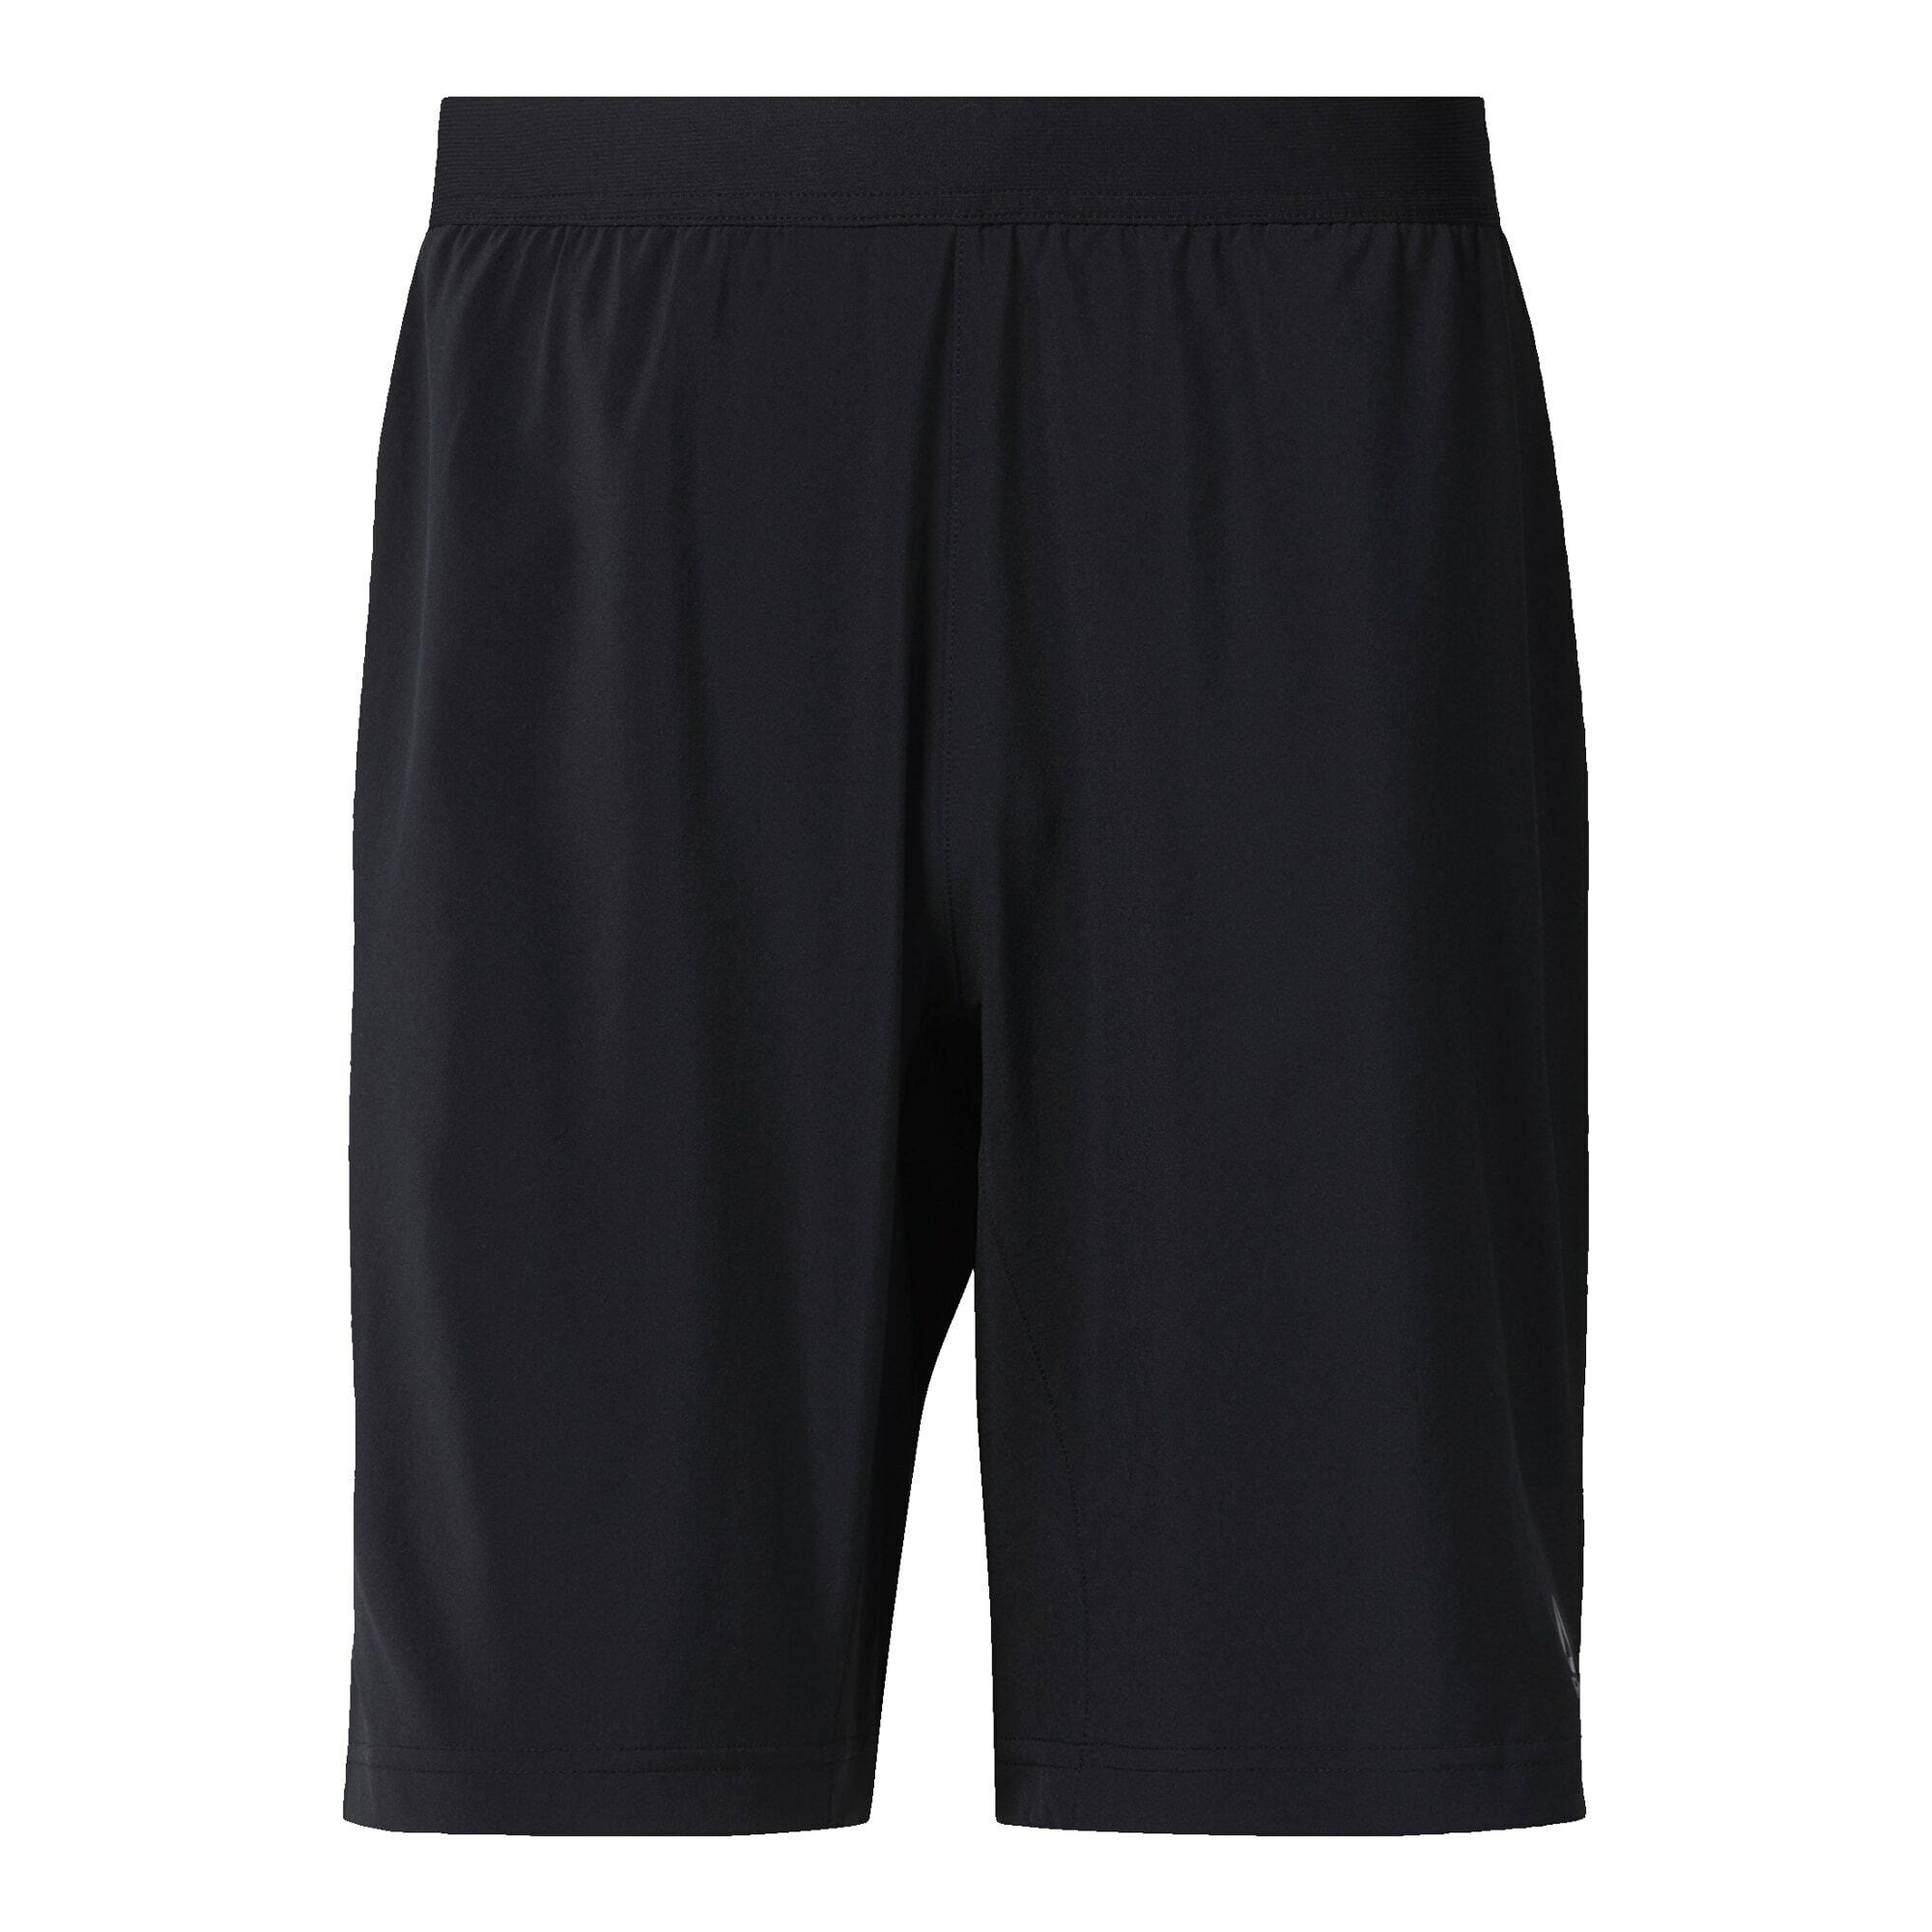 REEBOK Sportinės kelnės 'SPEEDWICK SPEED' juoda